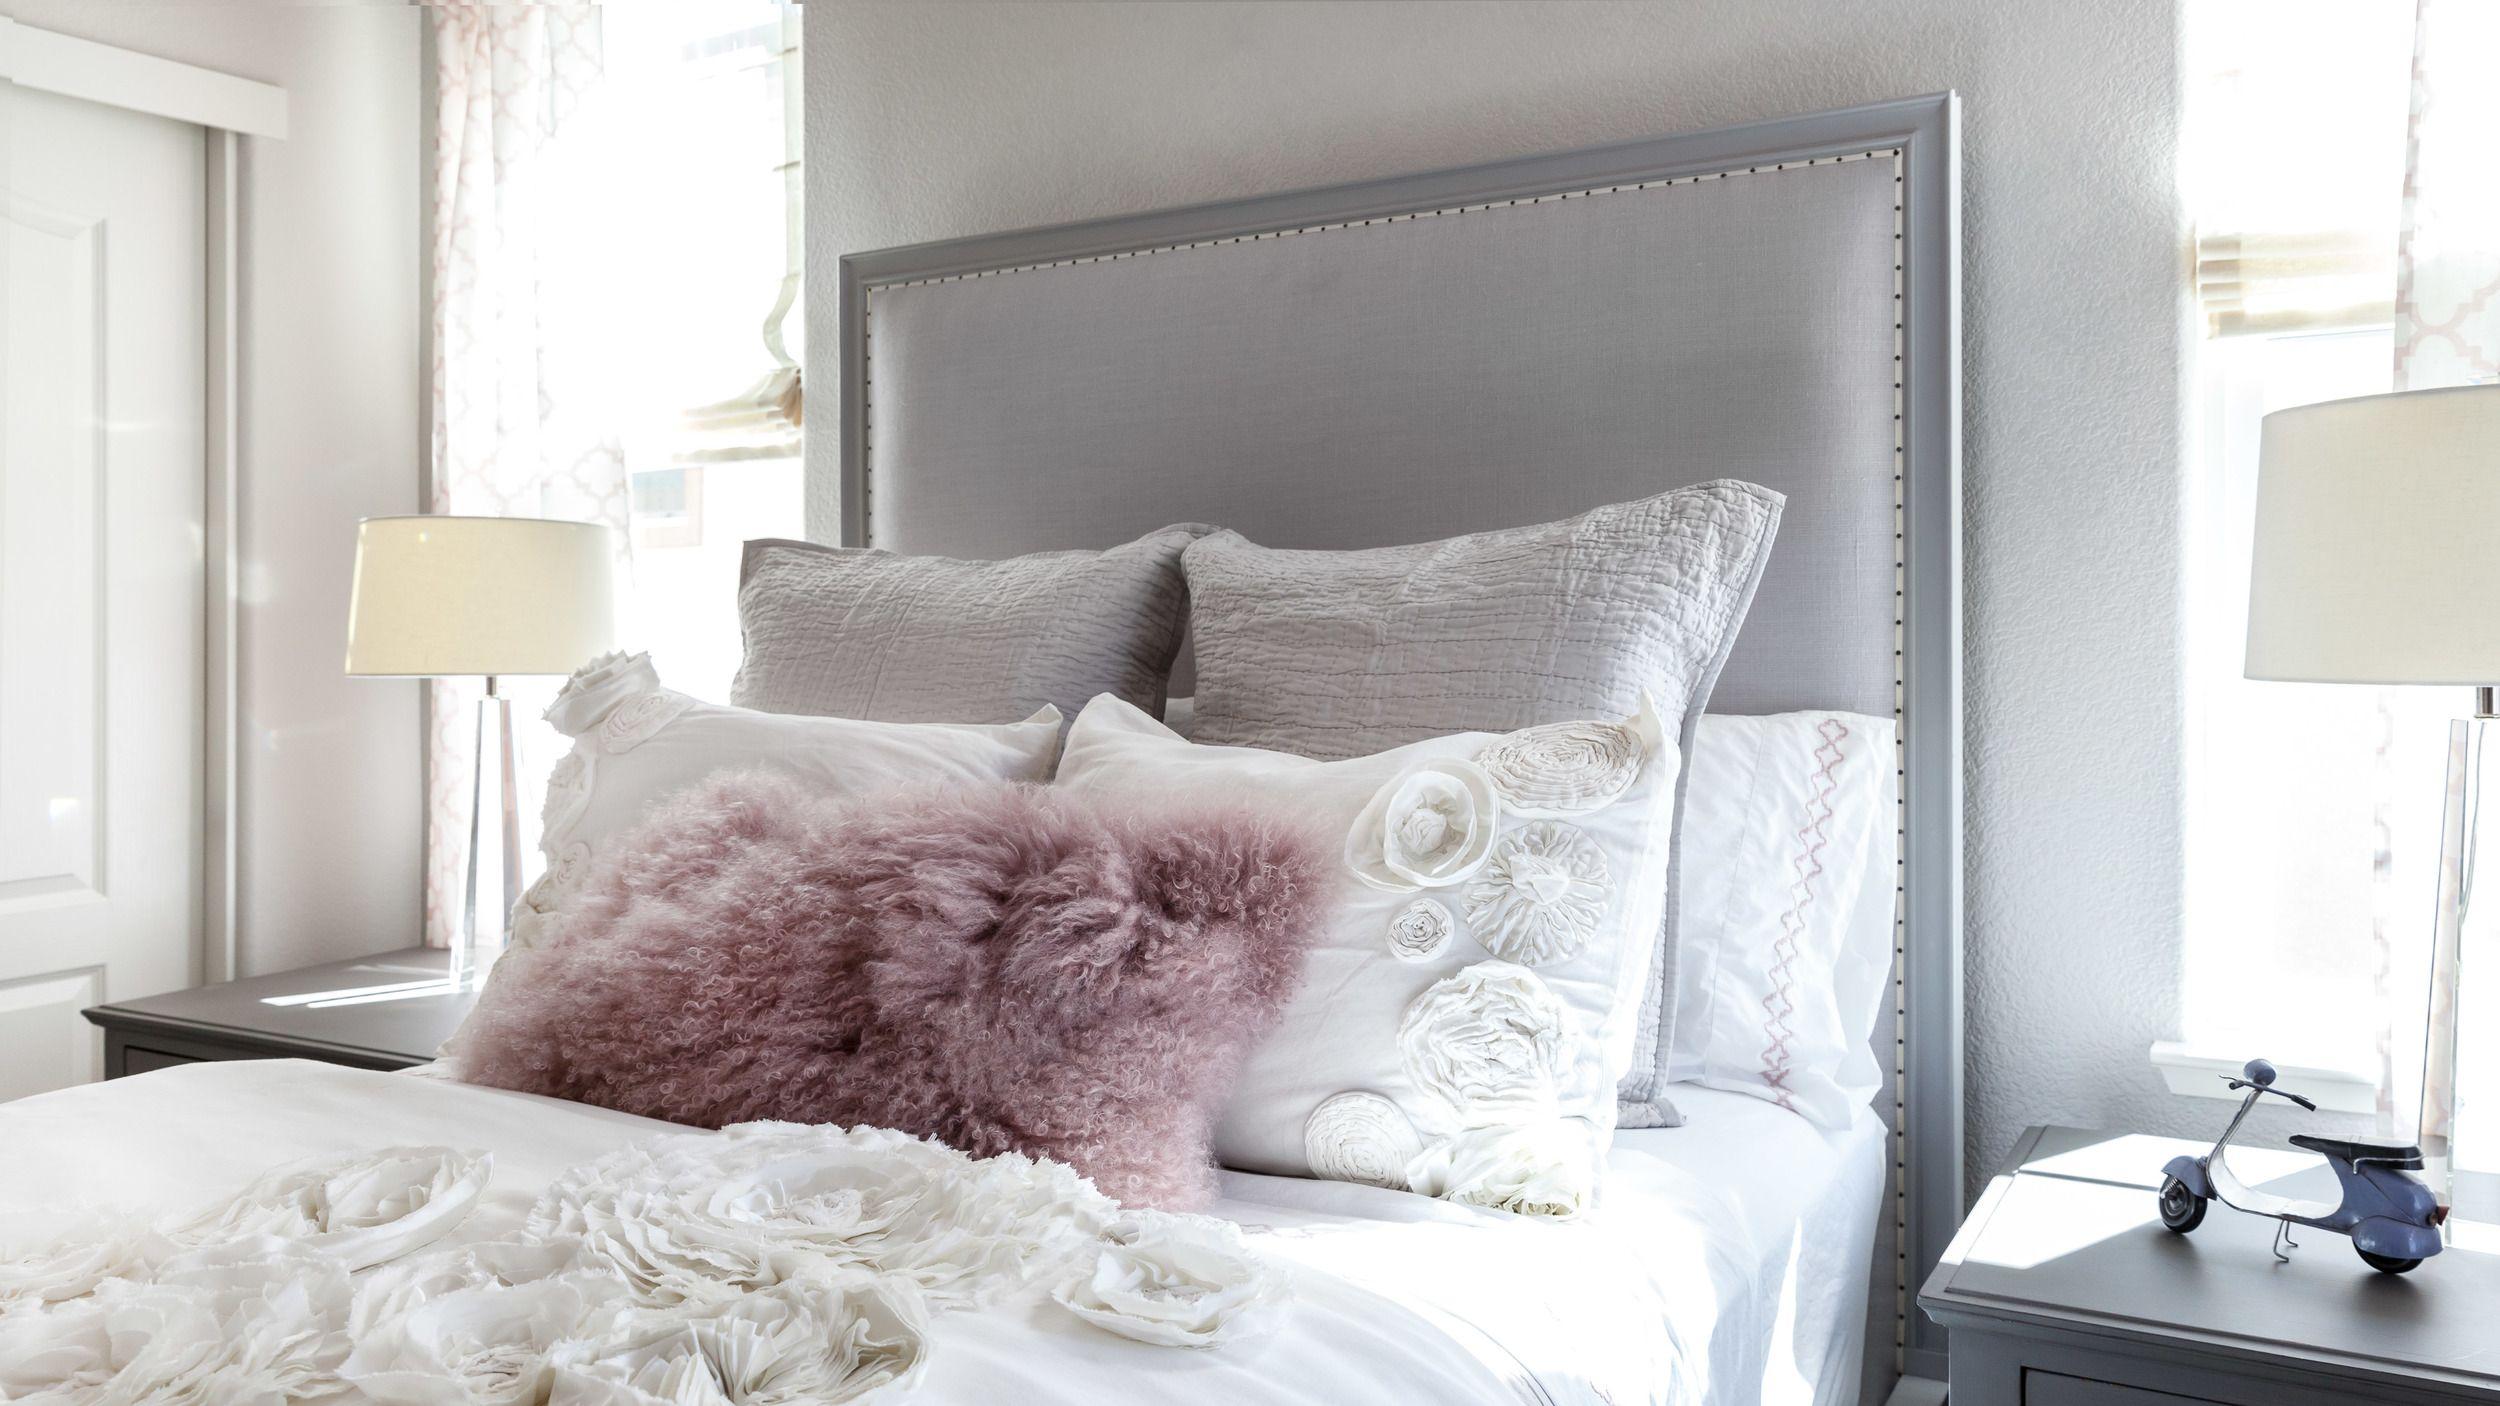 Camera da letto lusso, Letti di lusso, Mobili di